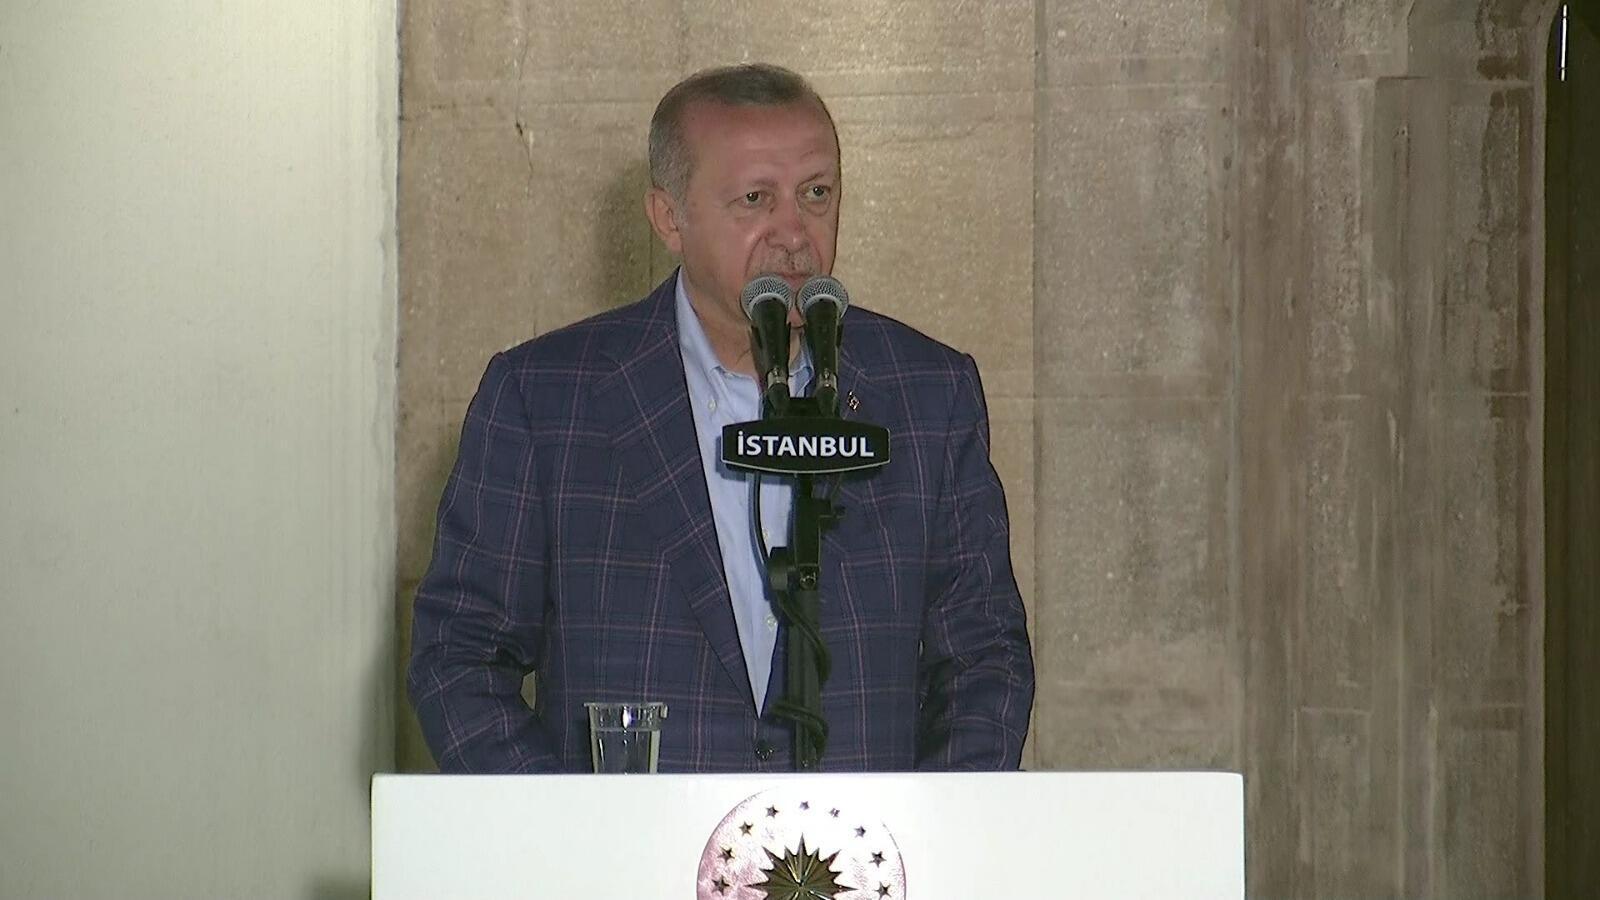 Cumhurbaşkanı Erdoğan net konuştu: O dosya bizim için kapanmıştır.